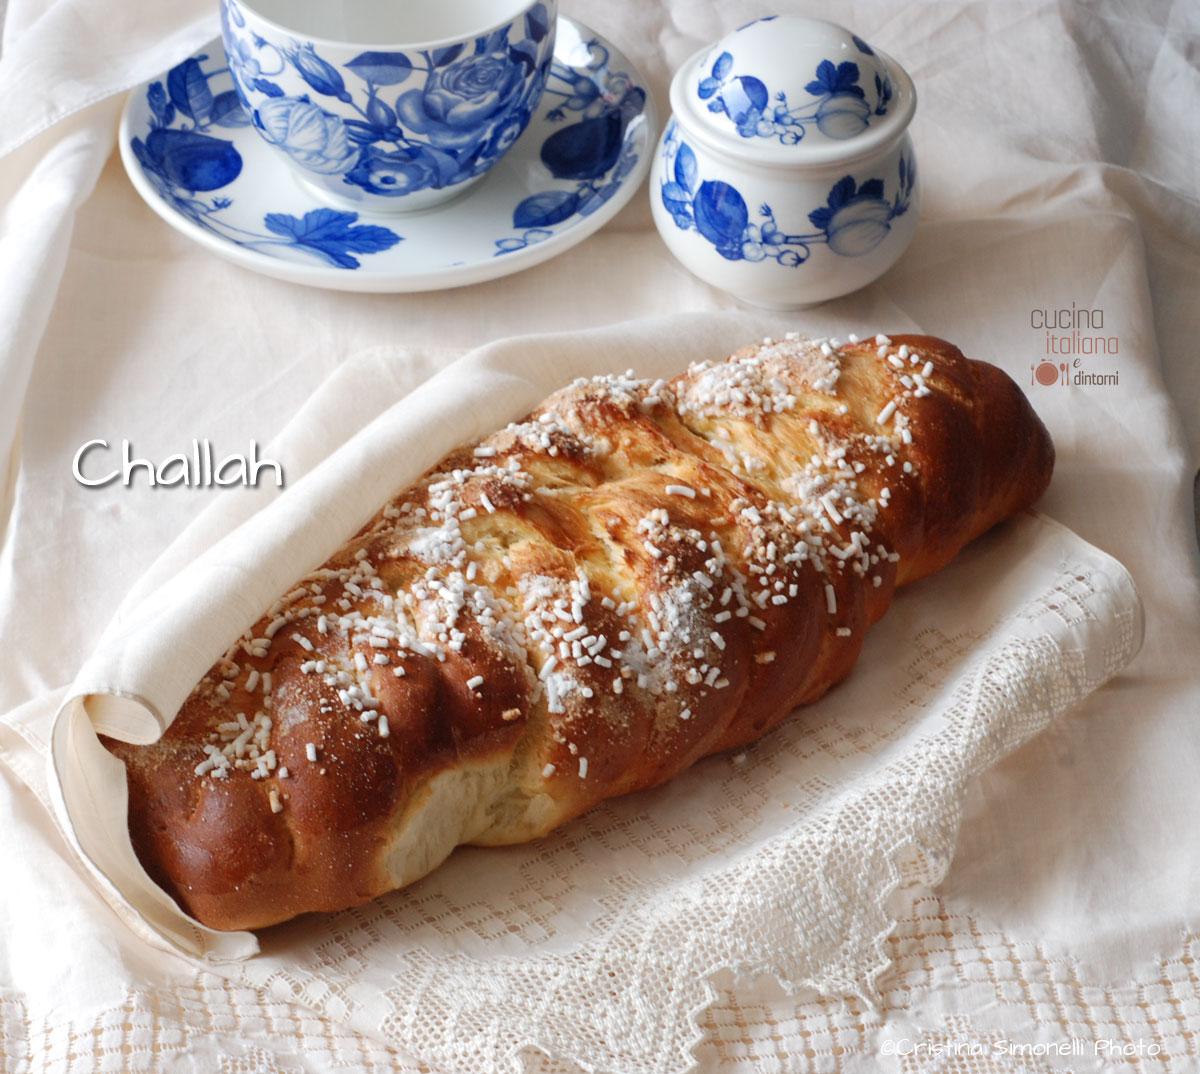 Challah dolce per la prima colazione cucina italiana e for Sito cucina italiana